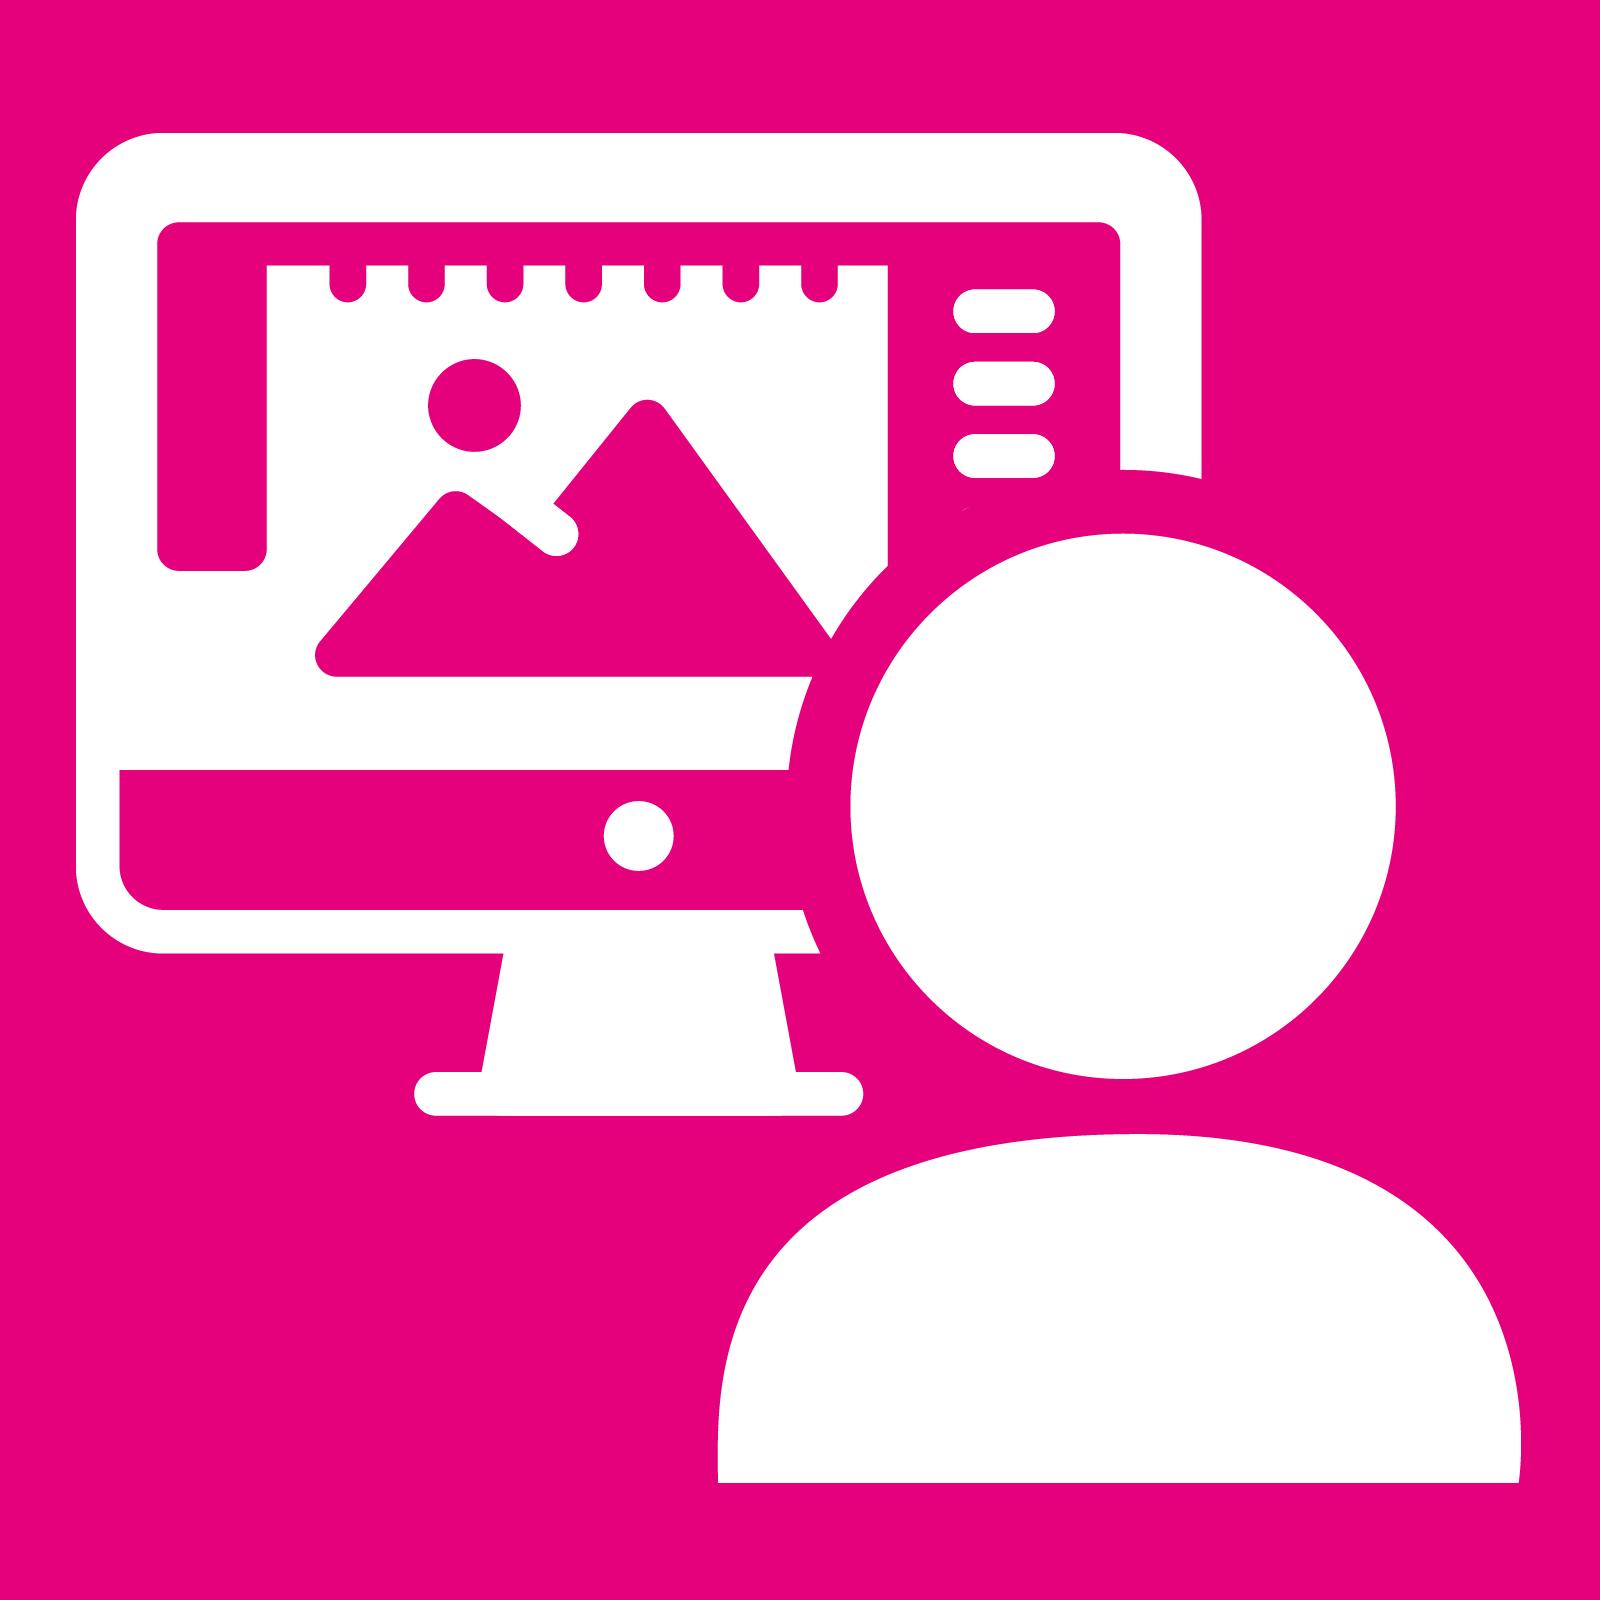 Sticker Design Service